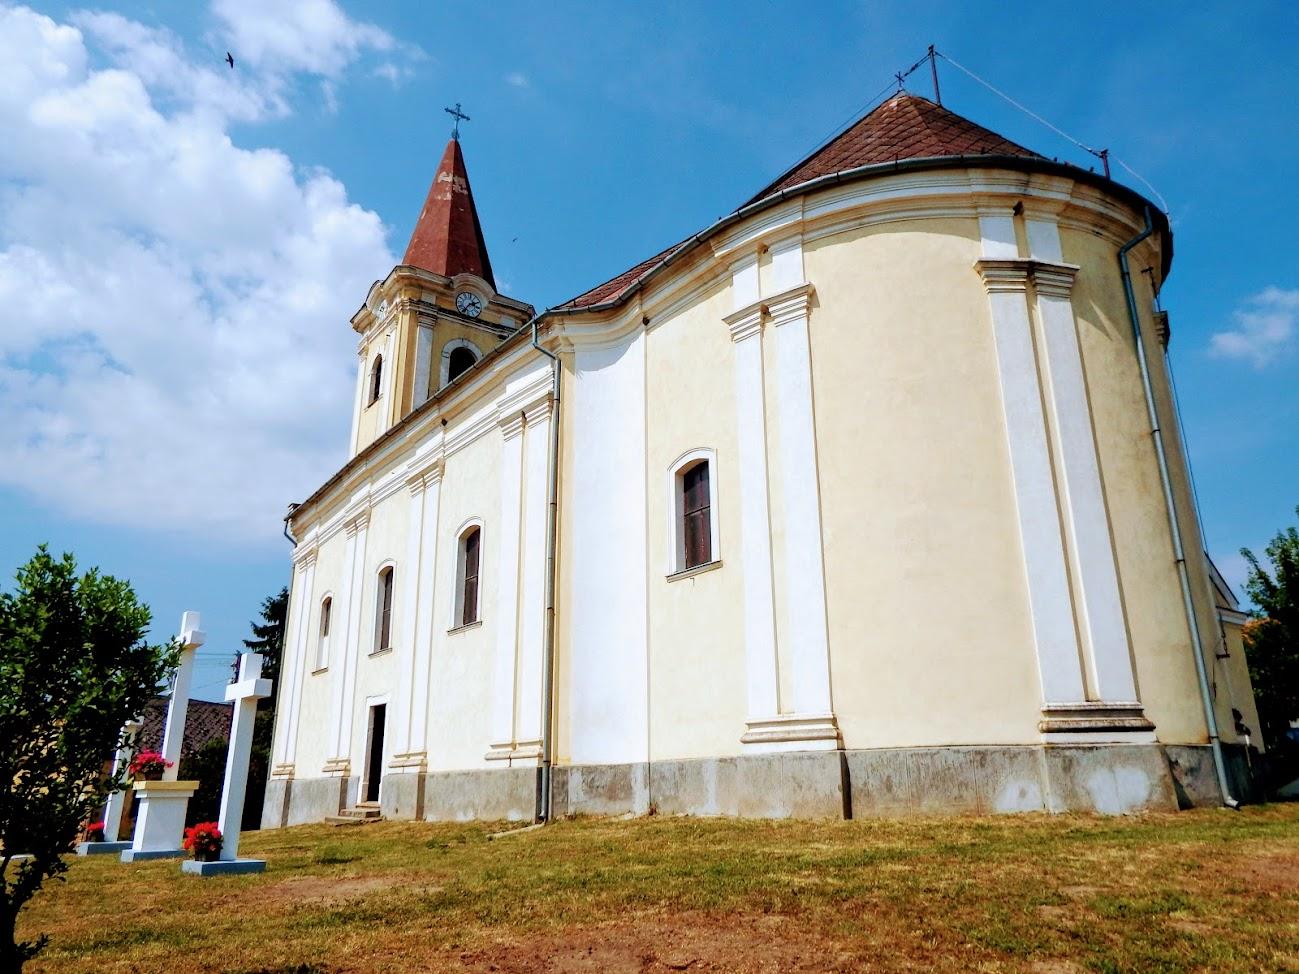 Értény - Szent Márton püspök rk. templom és kálvária a templomdombon